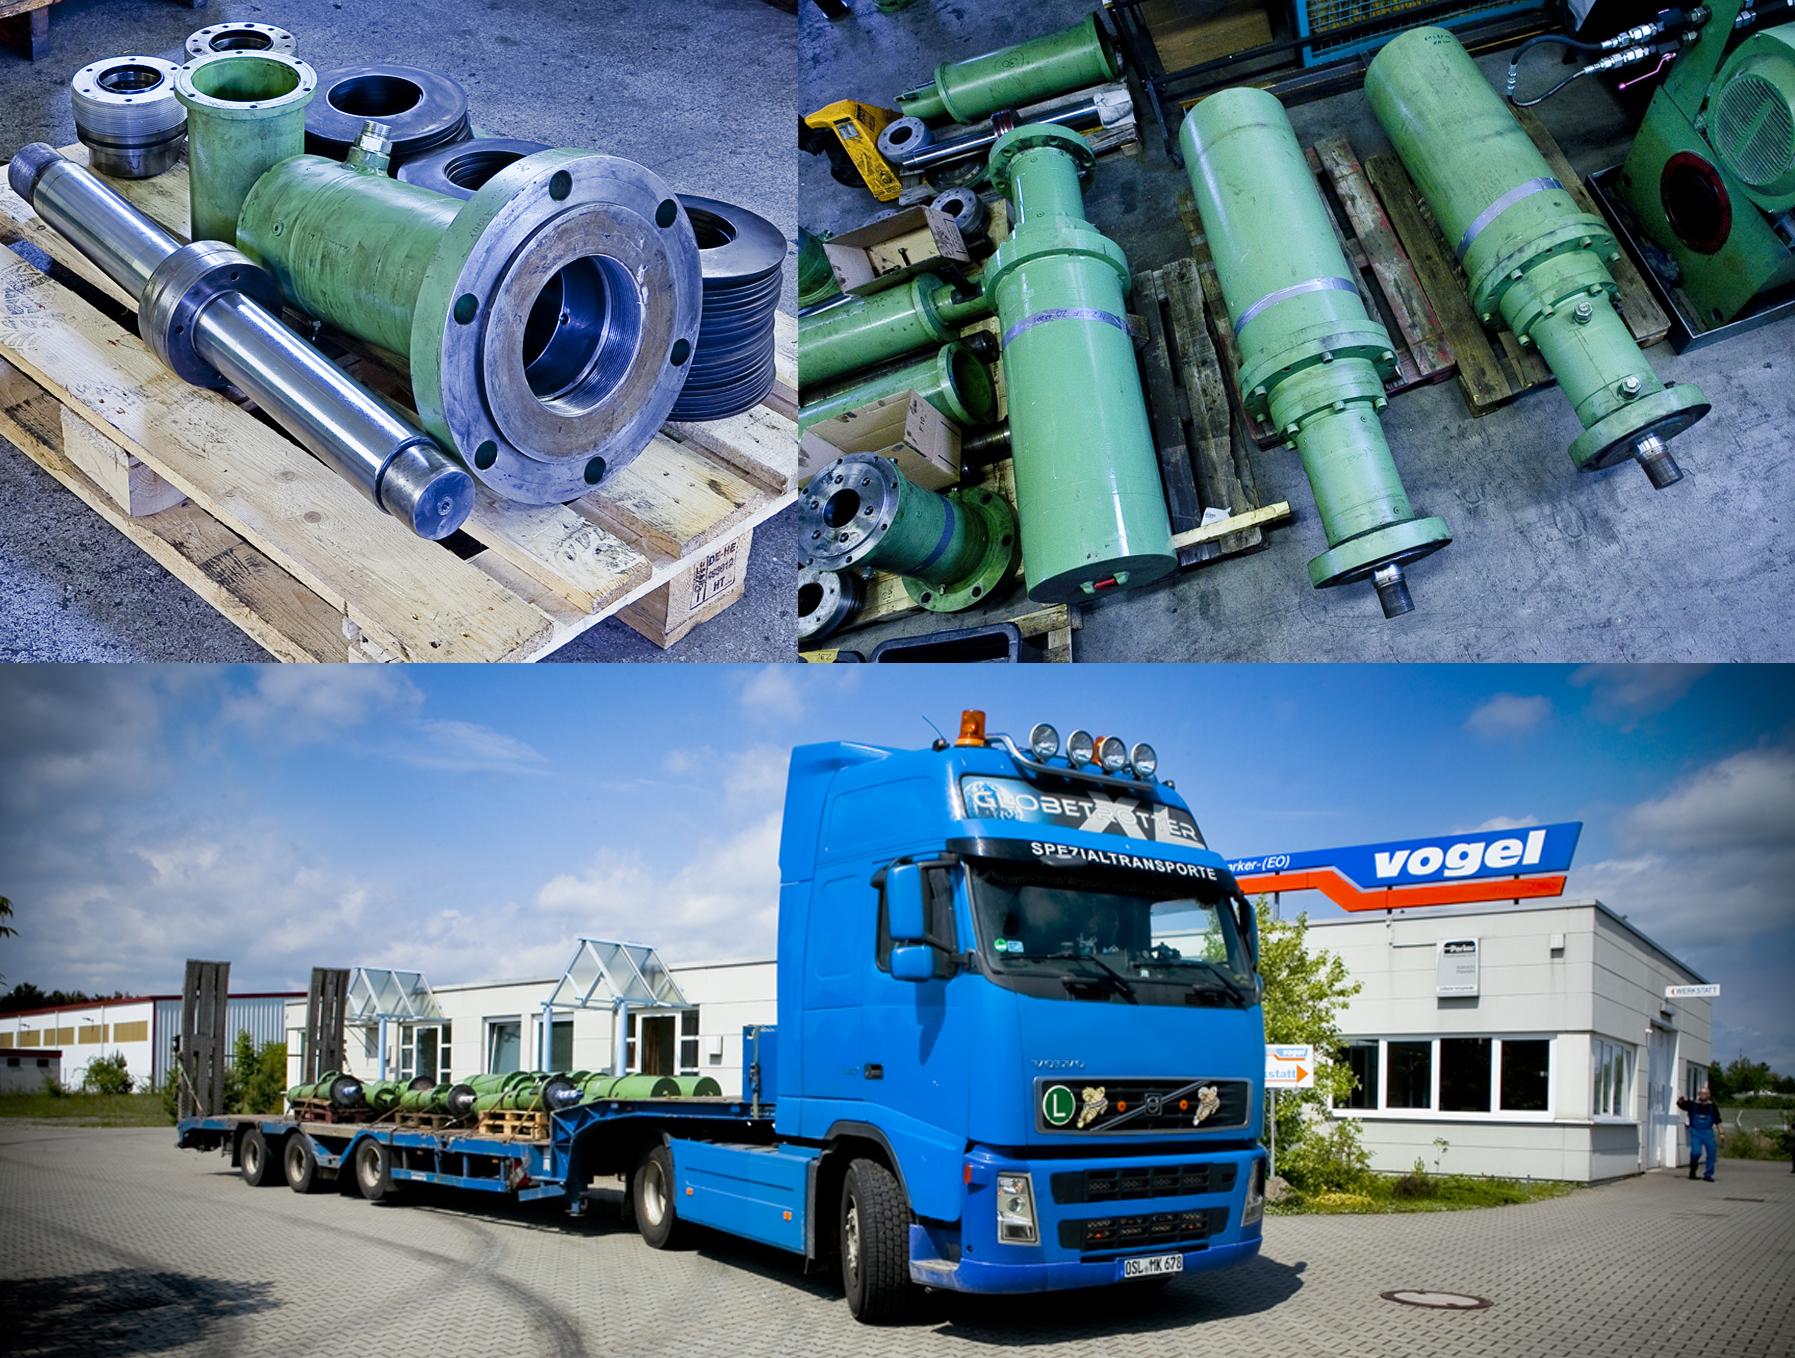 Etwas Neues genug Hydraulikzylinder Reparatur durch kompetente Hydraulik-Spezialisten #NR_04